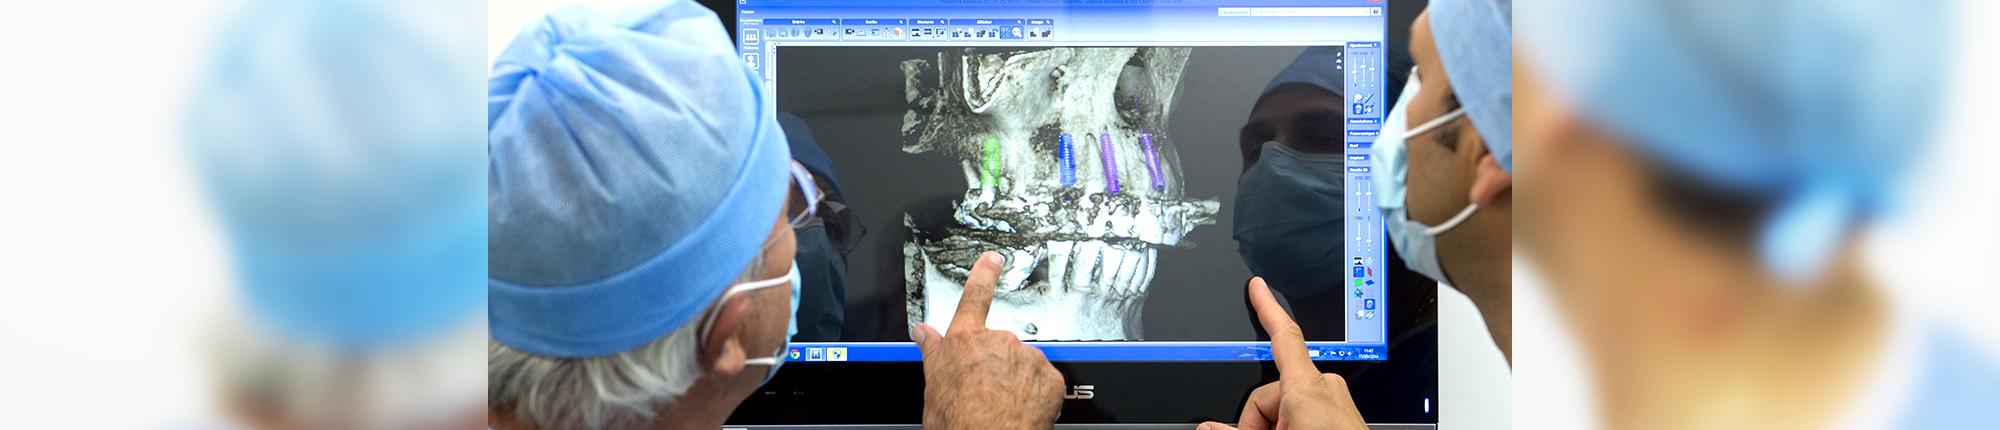 Analyse en équipe des cas implantaires